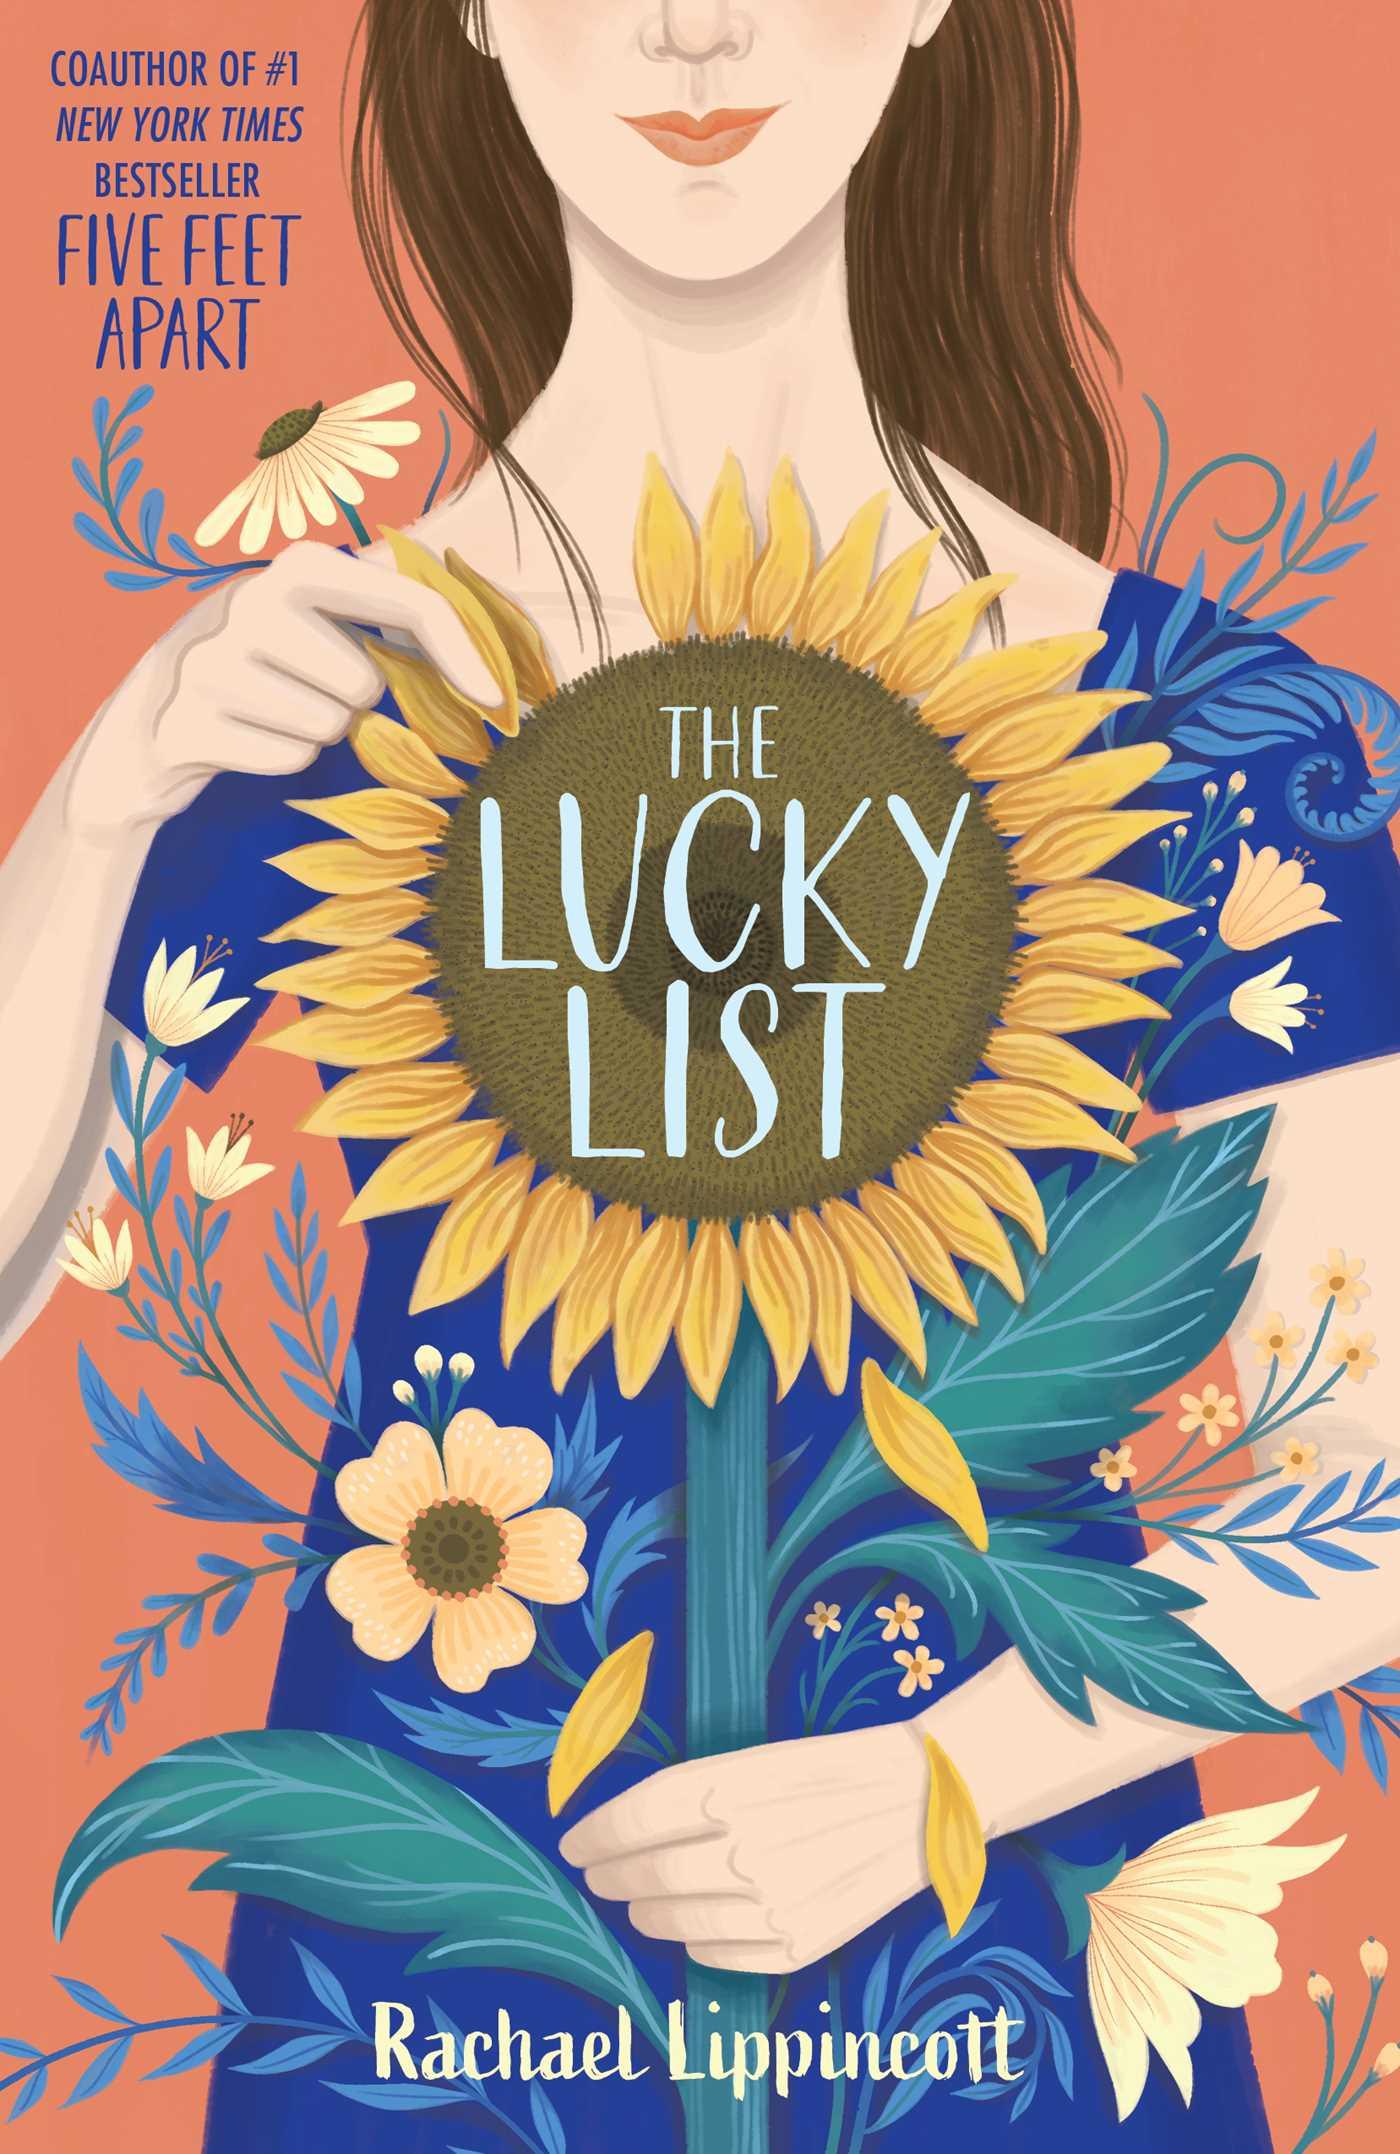 The Lucky List, Rachael Lippincott, Sunflower, Loss, Mourning, Summer, Bucket List, Young Adult, LGBT,